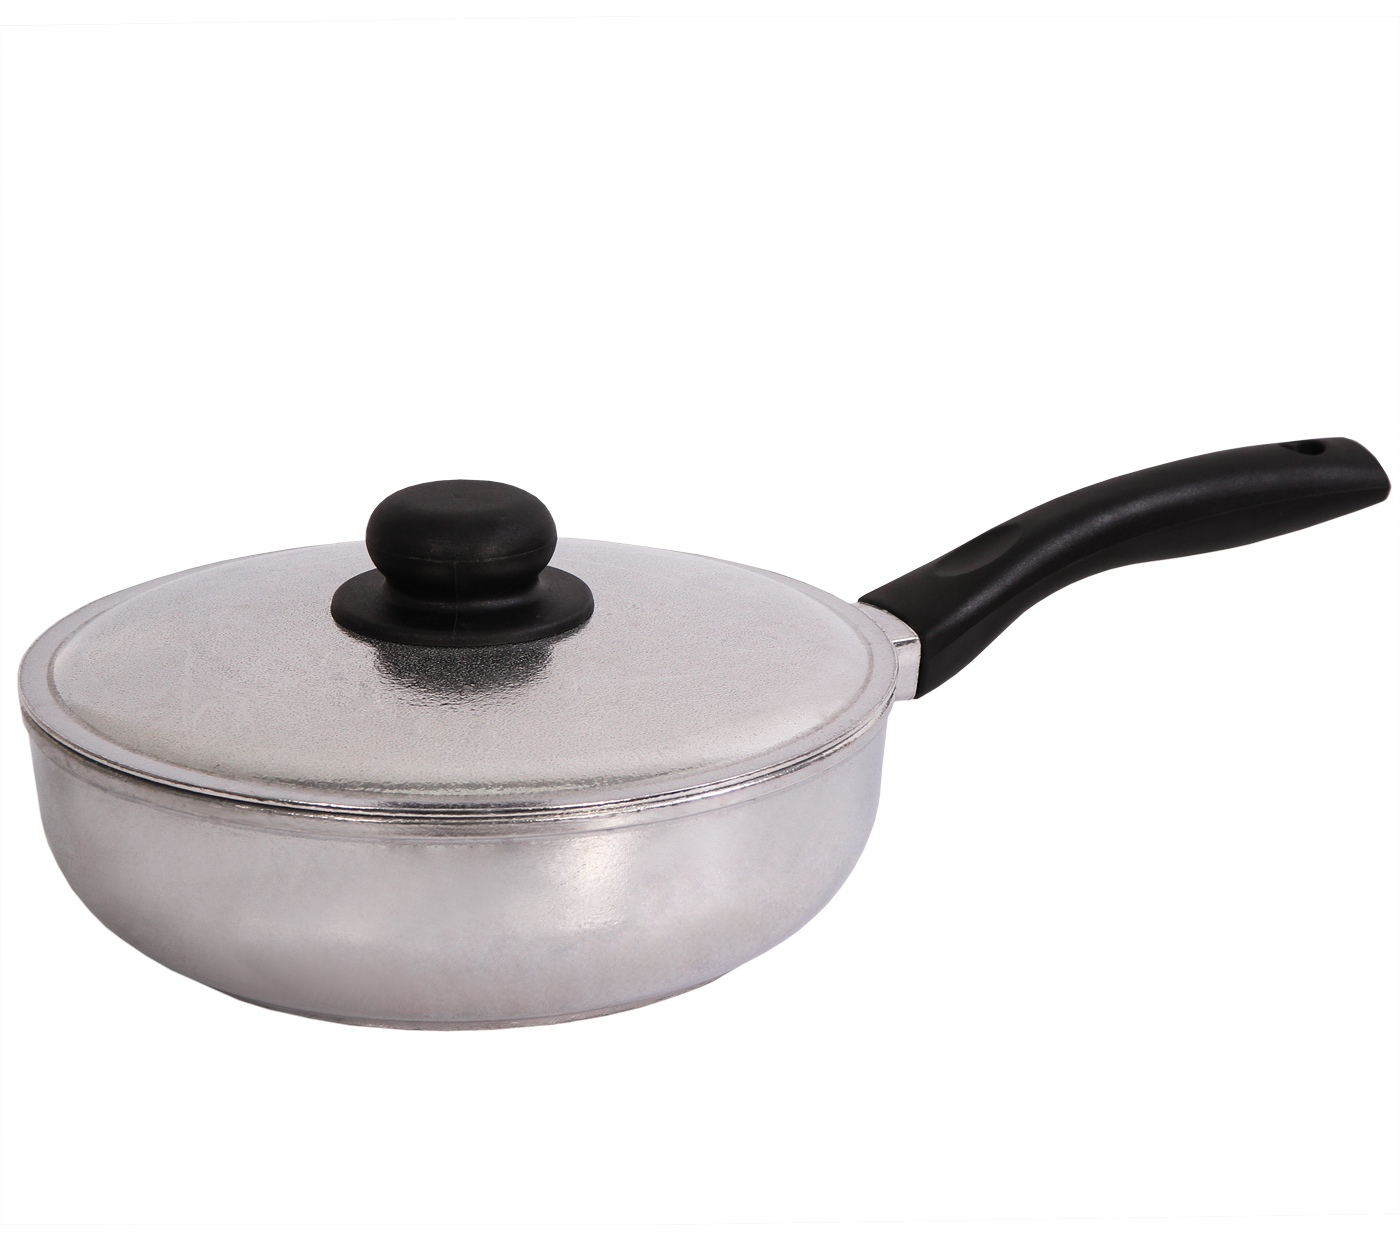 Сковорода Биол с крышкой. Диаметр 26 см. 2609К54 009312Сковорода Биол выполнена из литого алюминия с утолщенным дном. Изделие оснащено удобной бакелитовой ручкой и крышкой. Посуда равномерно распределяет тепло и обладает высокой устойчивостью к деформации, легкая и практичная в эксплуатации. Подходит для использования на электрических, газовых и стеклокерамических плитах. Не подходит для индукционных плит. Можно мыть в посудомоечной машине.Диаметр сковороды (по верхнему краю): 26 см. Высота стенки сковороды: 8 см. Длина ручки: 17,5 см.